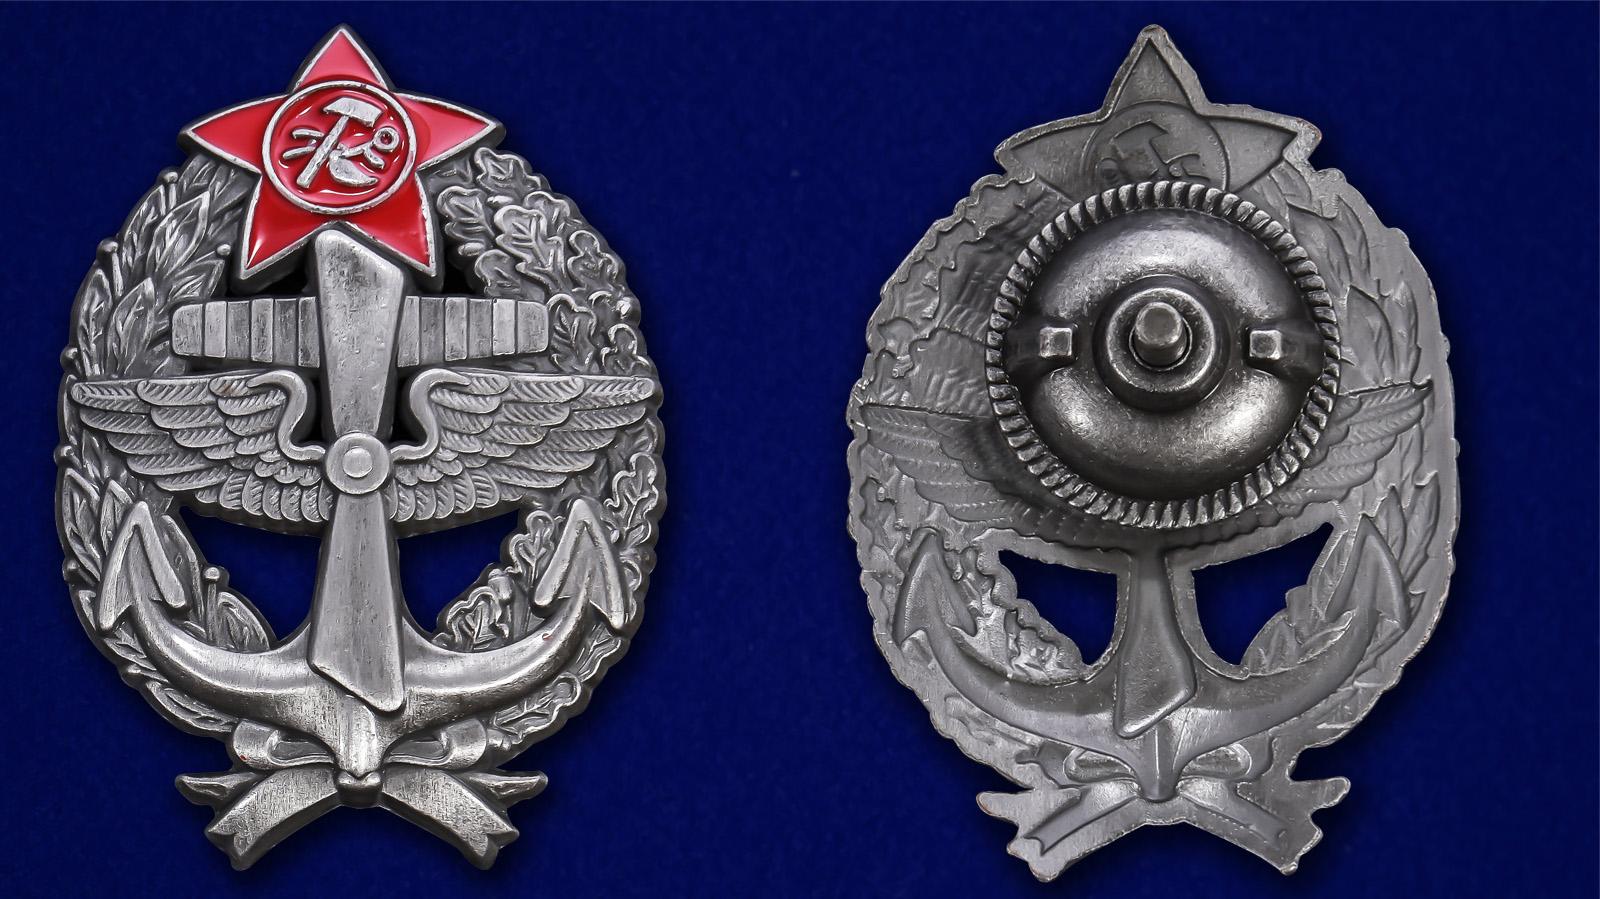 Знак Красного командира - морского лётчика по выгодной цене